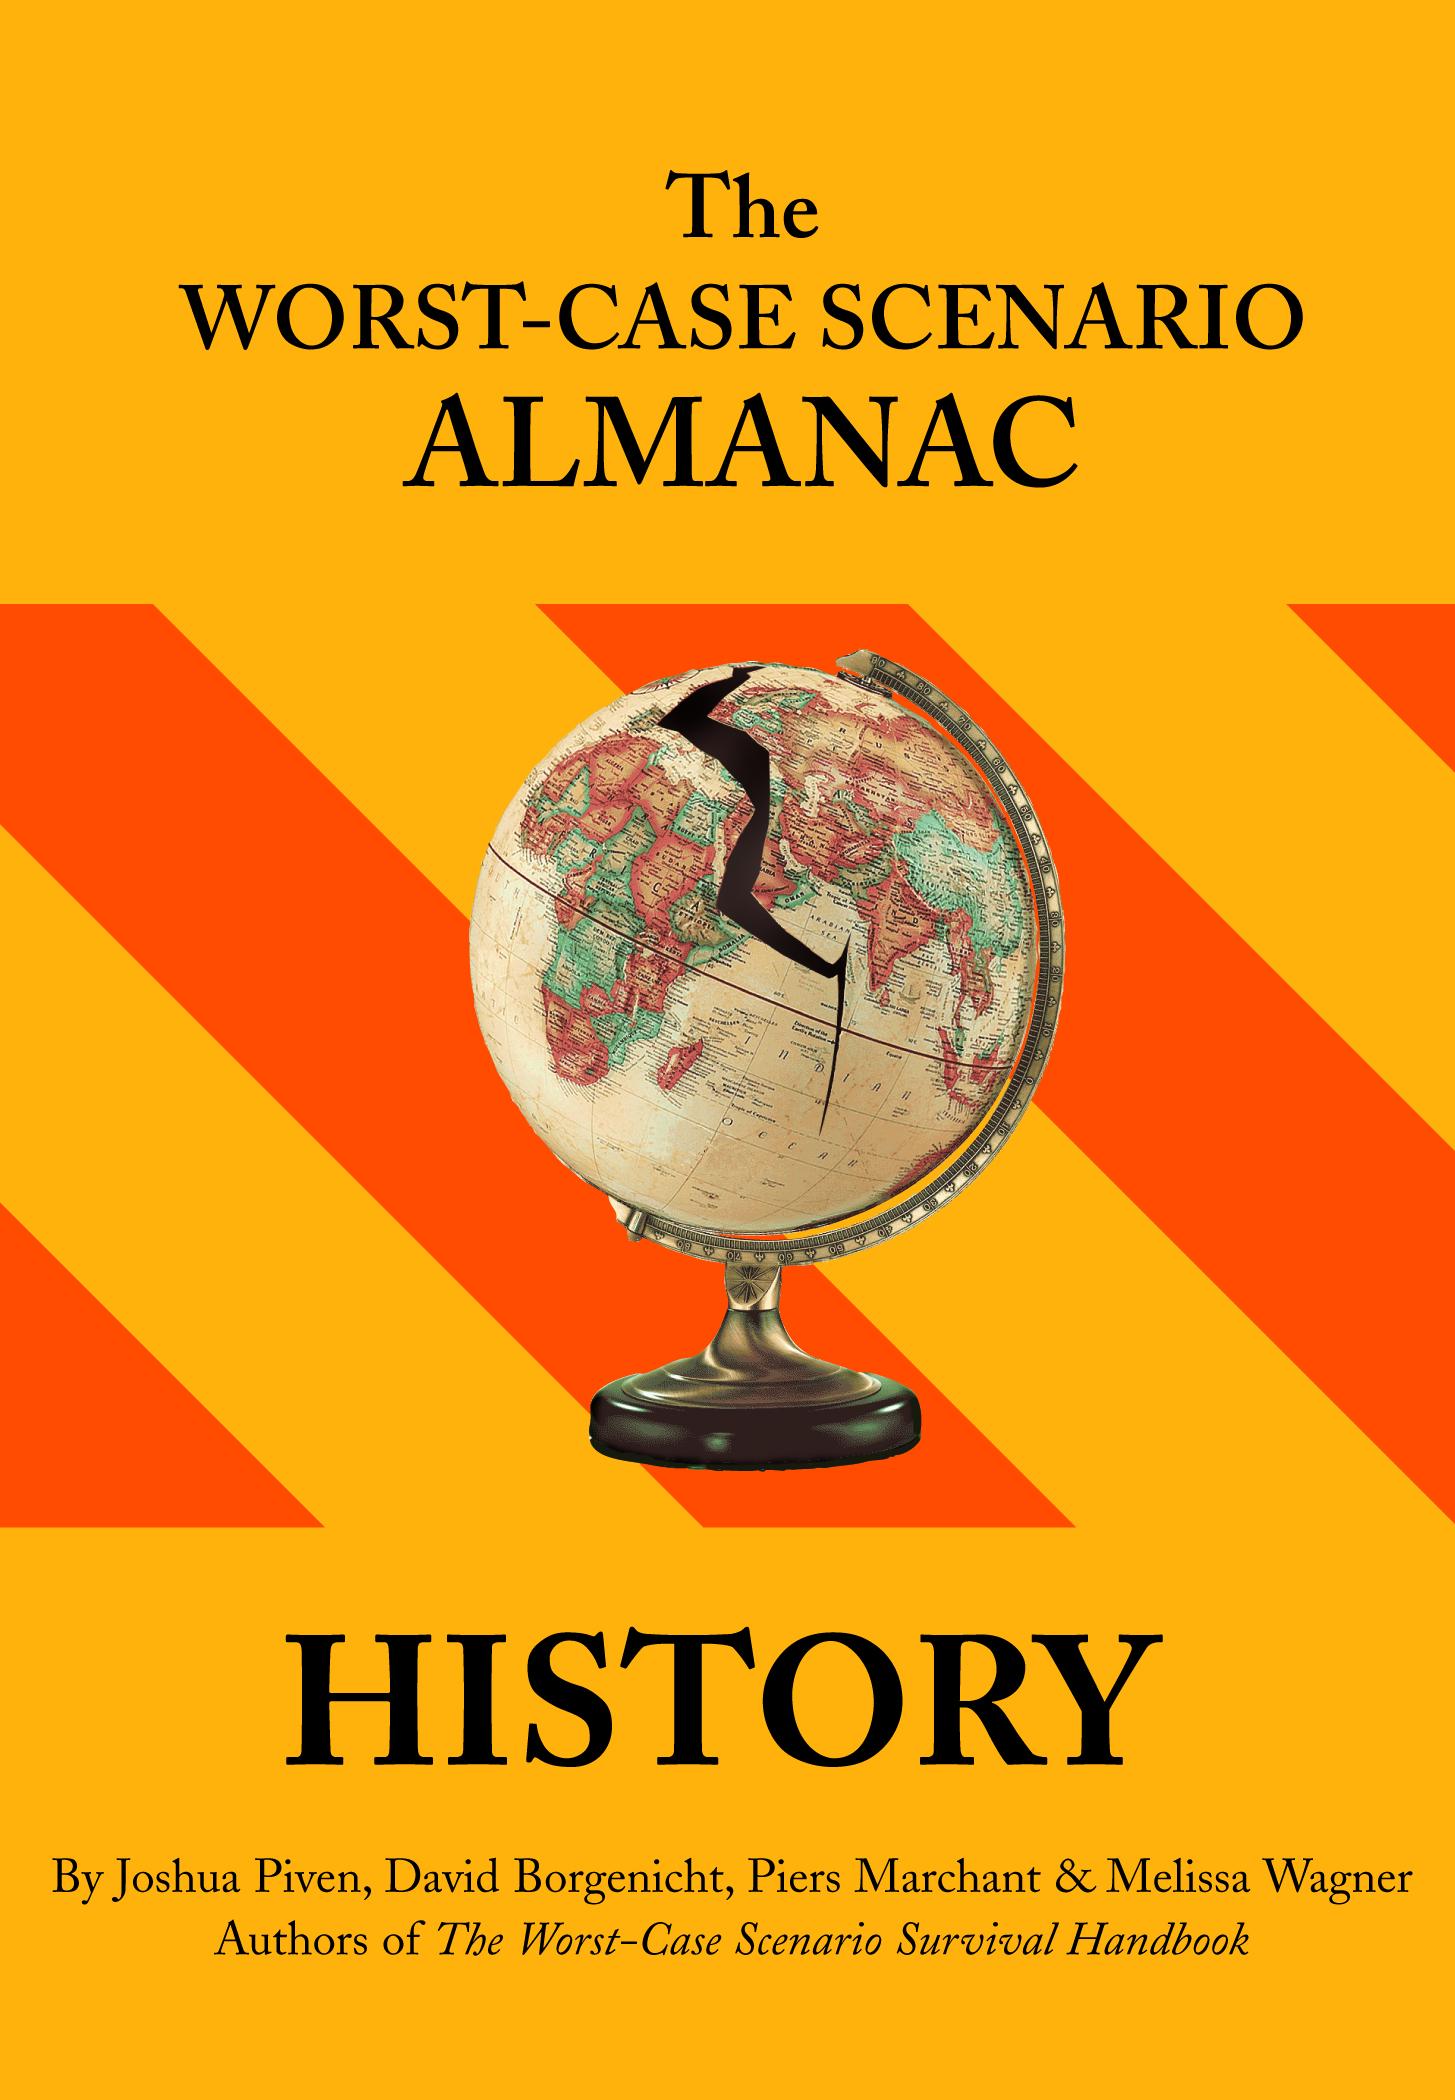 The Worst-Case Scenario Survival Almanac: History